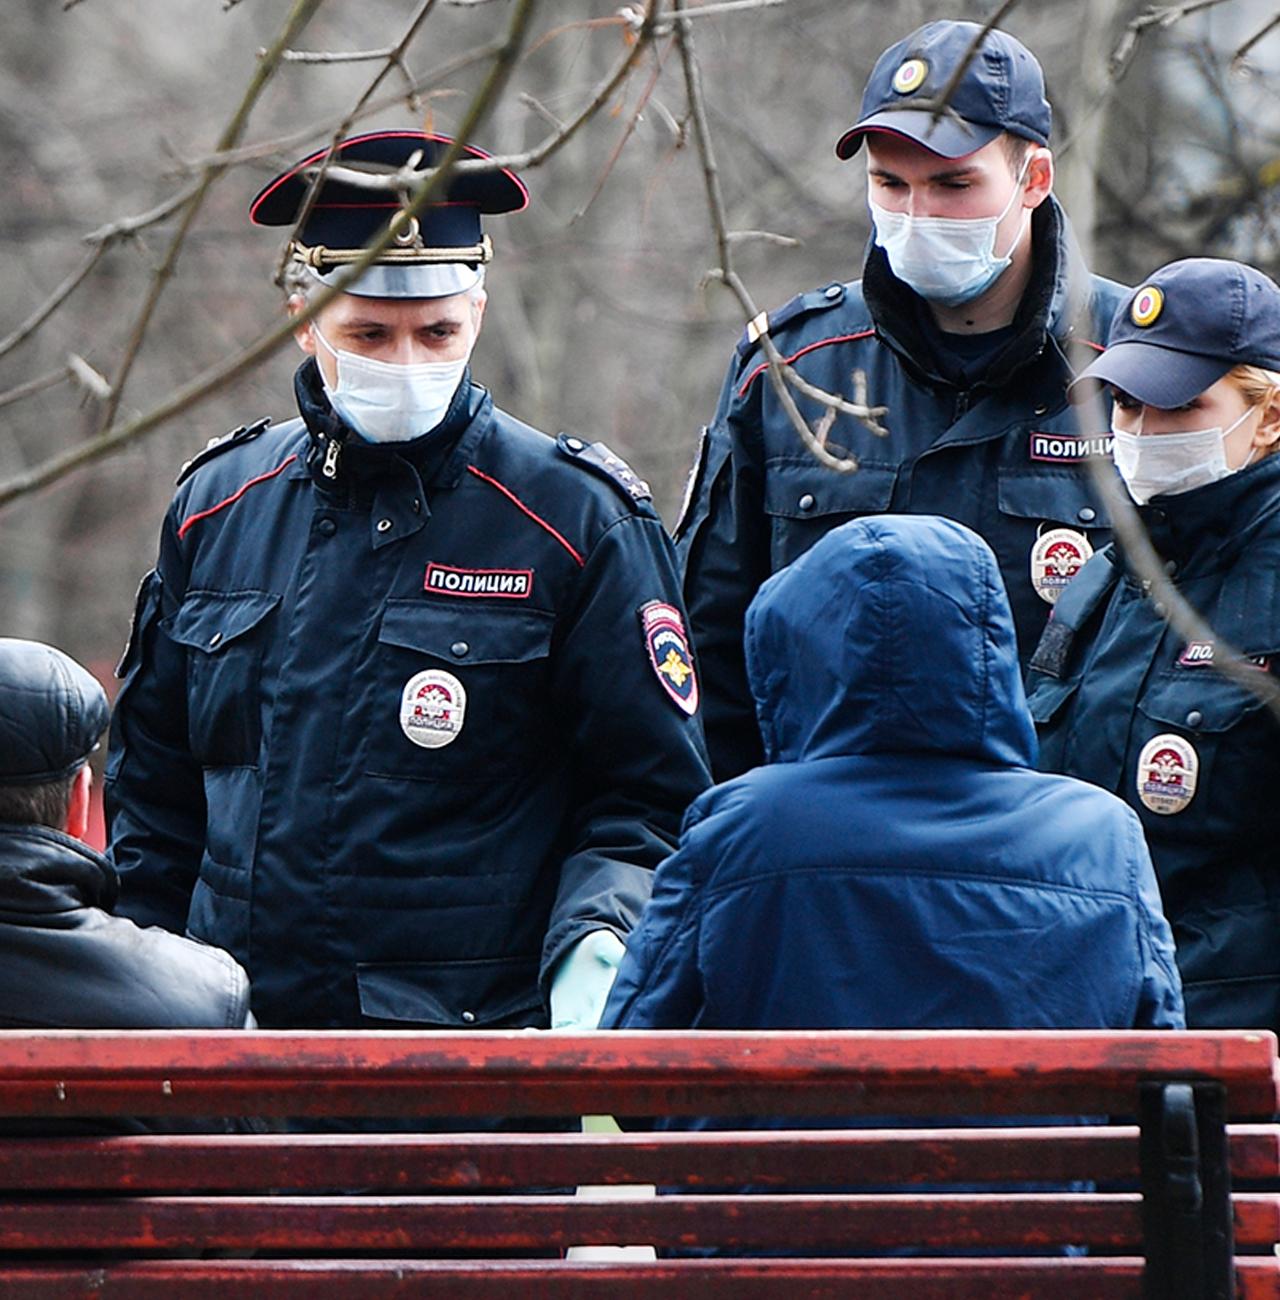 Суд оштрафовал березняковца, которого полицейские скрутили за отсутствие маски